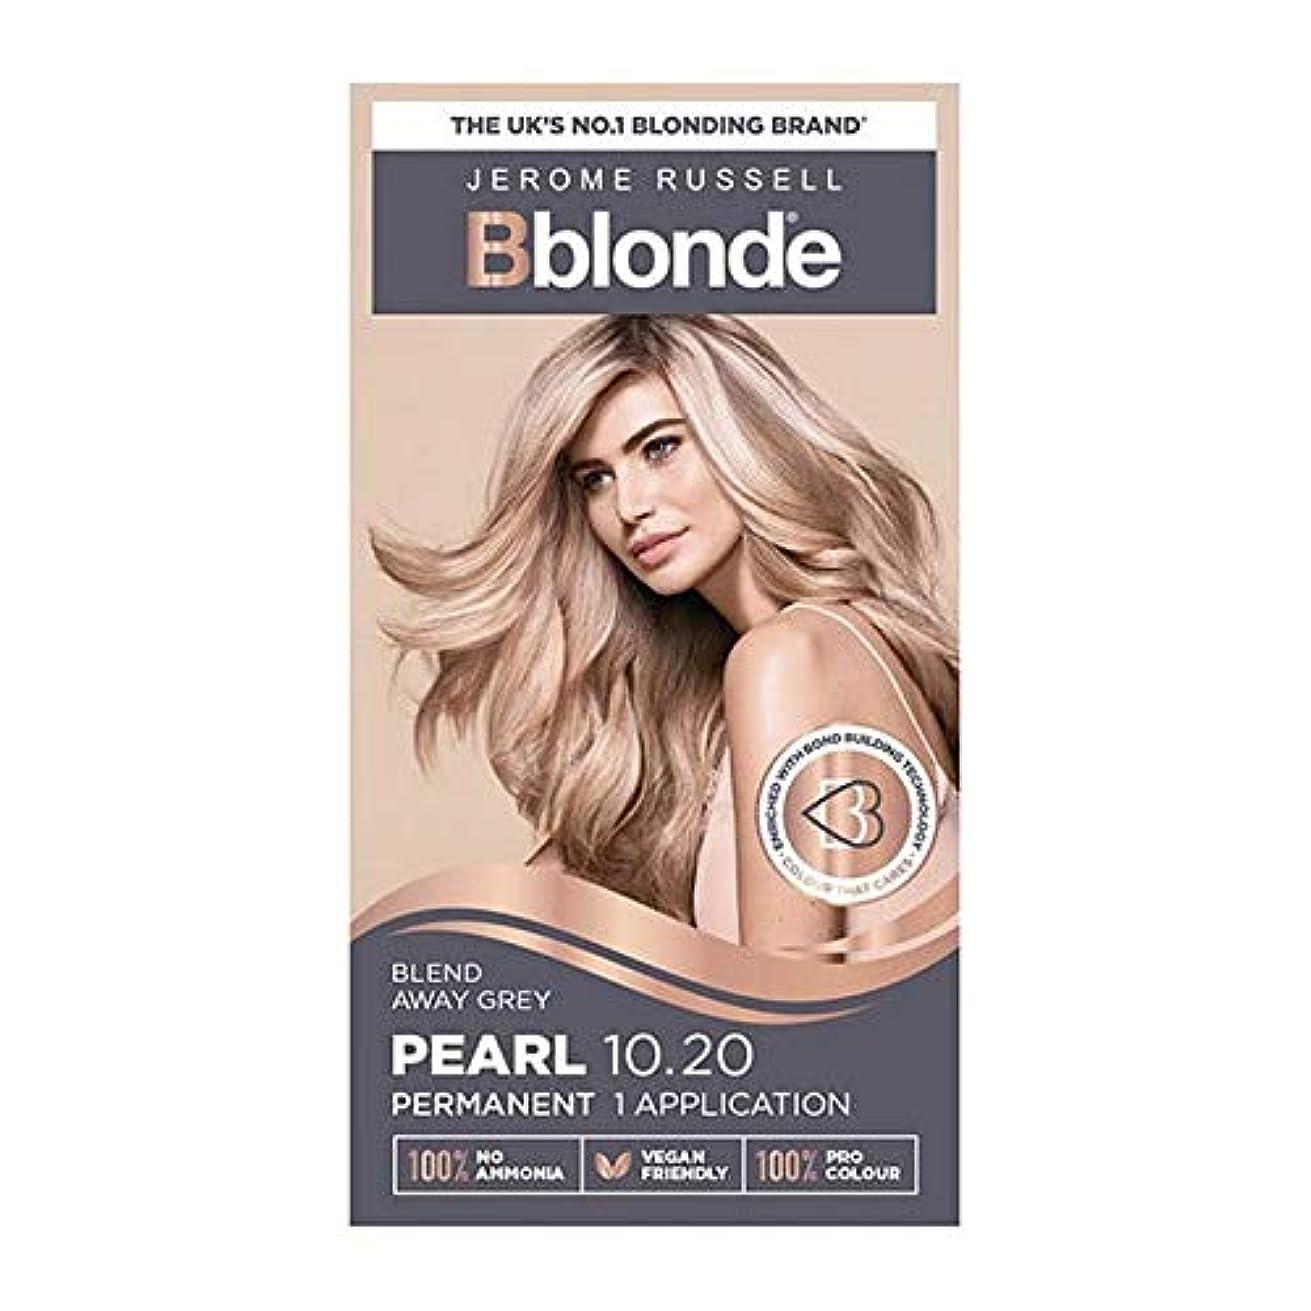 交換可能うめきコショウ[Jerome Russell ] ジェロームラッセルBblondeパーマネントヘアキット真珠10.2ブロンド - Jerome Russell Bblonde Permanent Hair Kit Pearl Blonde...